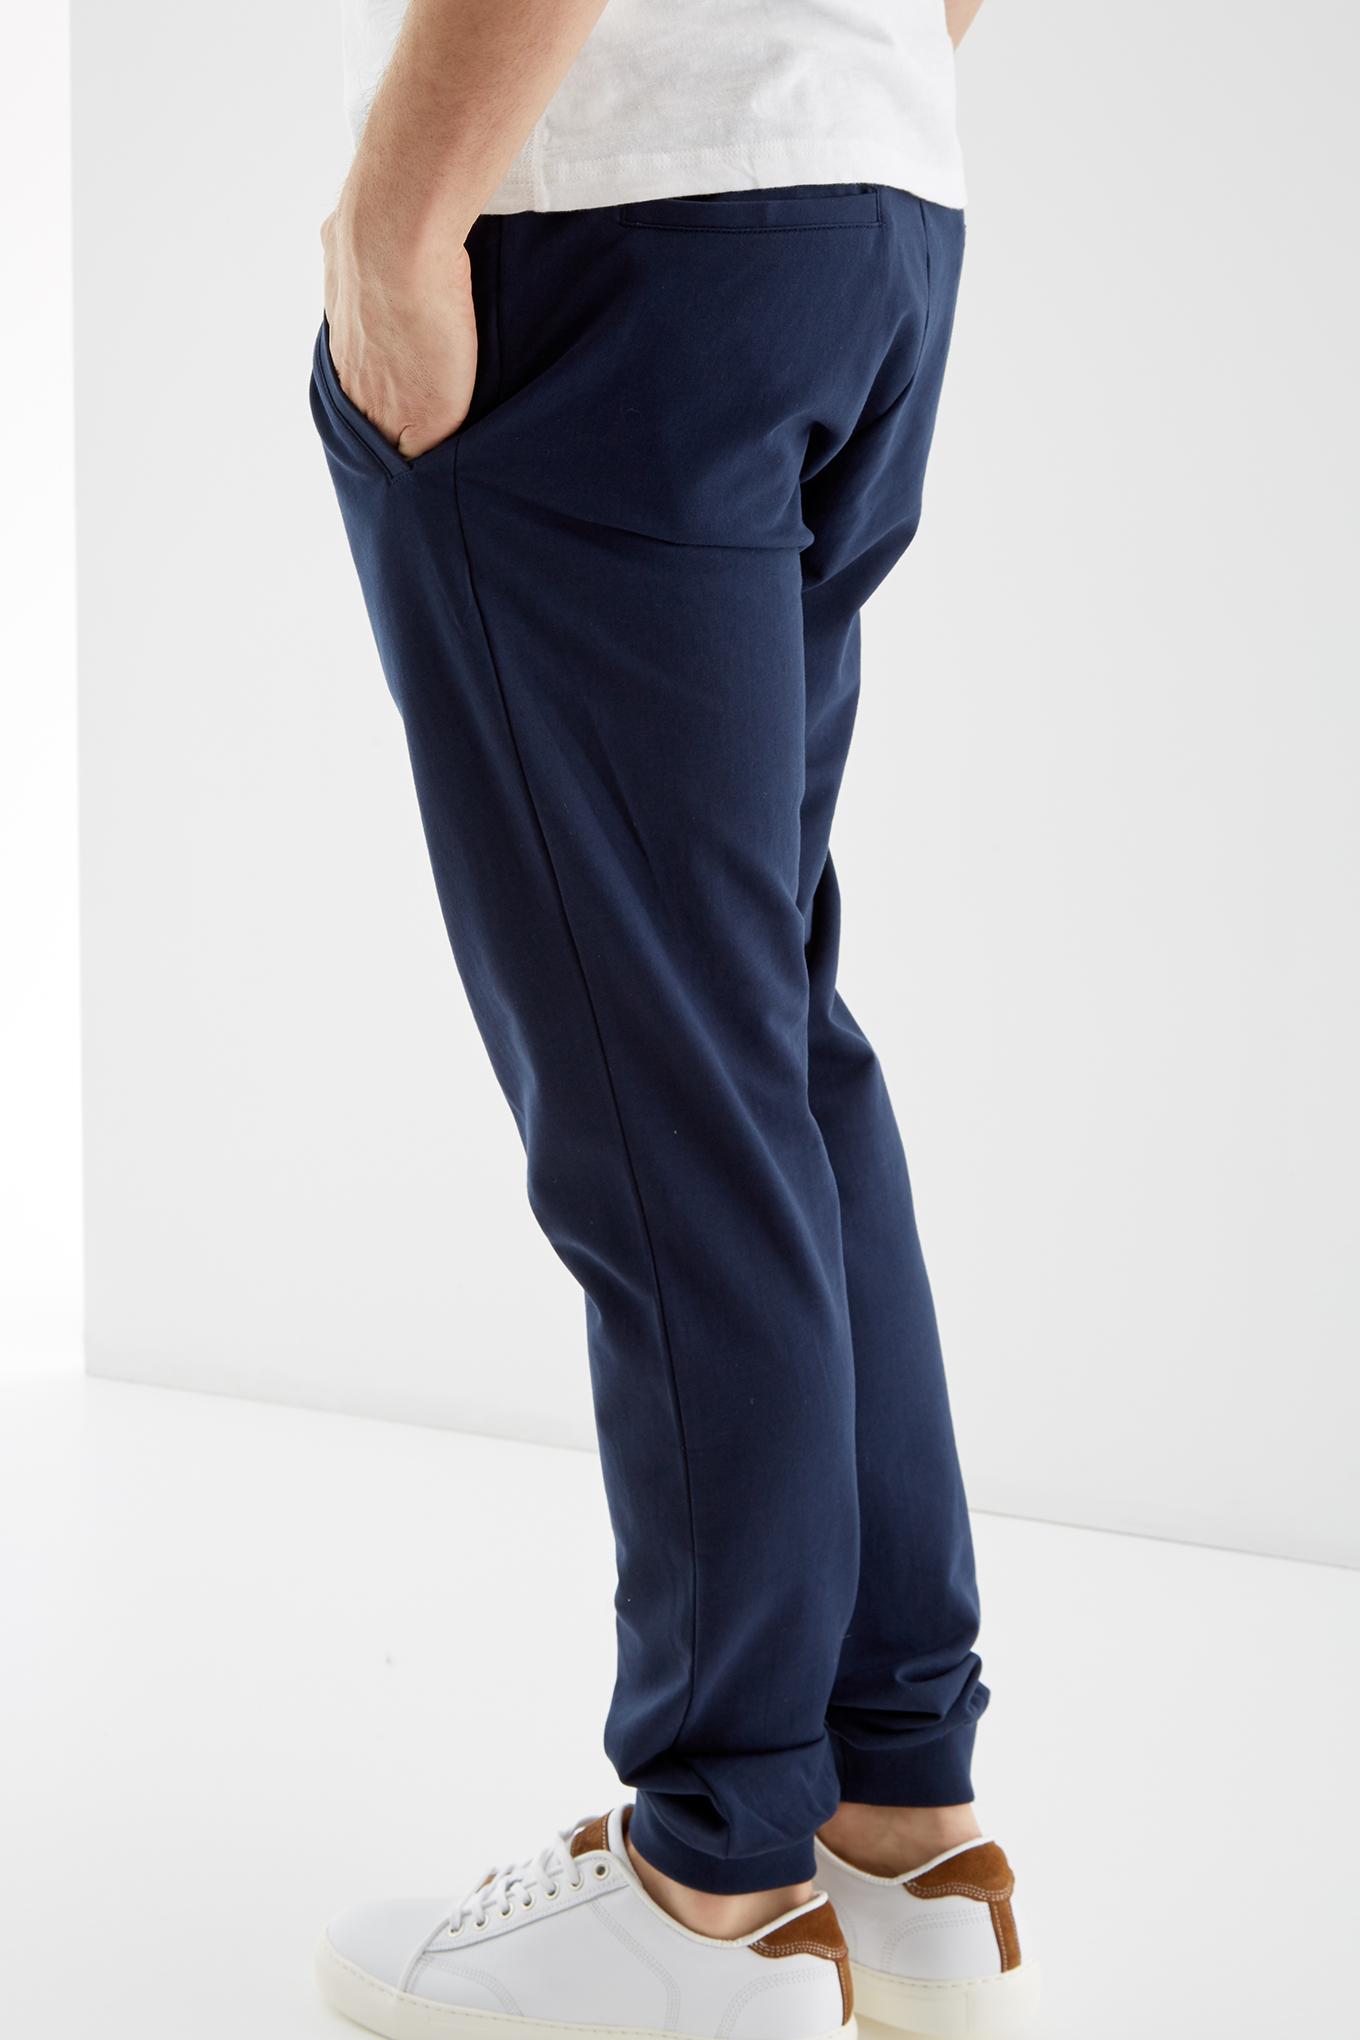 Calças Fato de Treino Azul Escuro Sport Homem